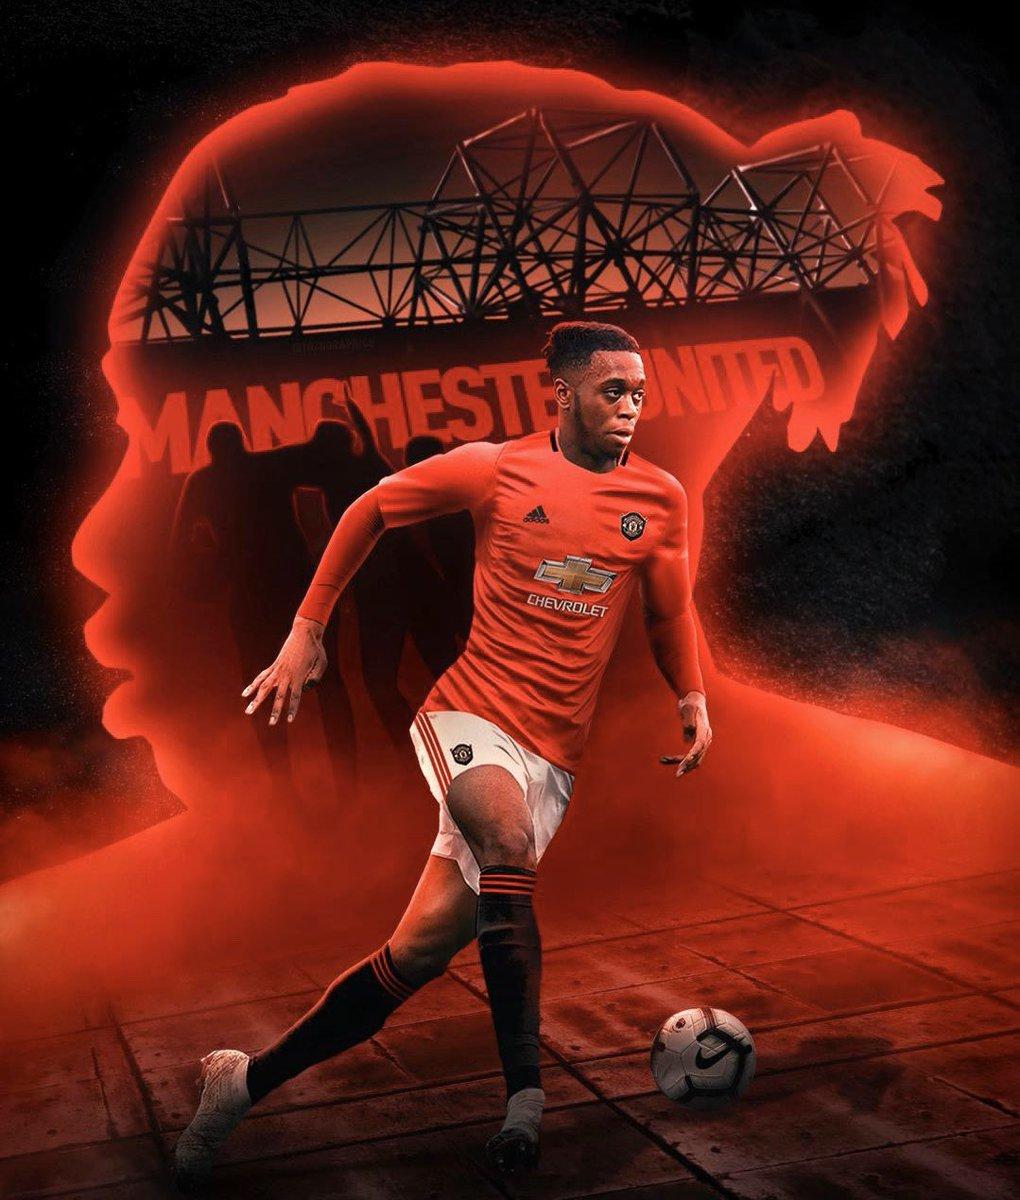 MU, Manchester United, chuyển nhượng, chuyển nhượng MU, tin chuyển nhượng, Wan-Bissaka, MU chiêu mộ Wan-Bissaka